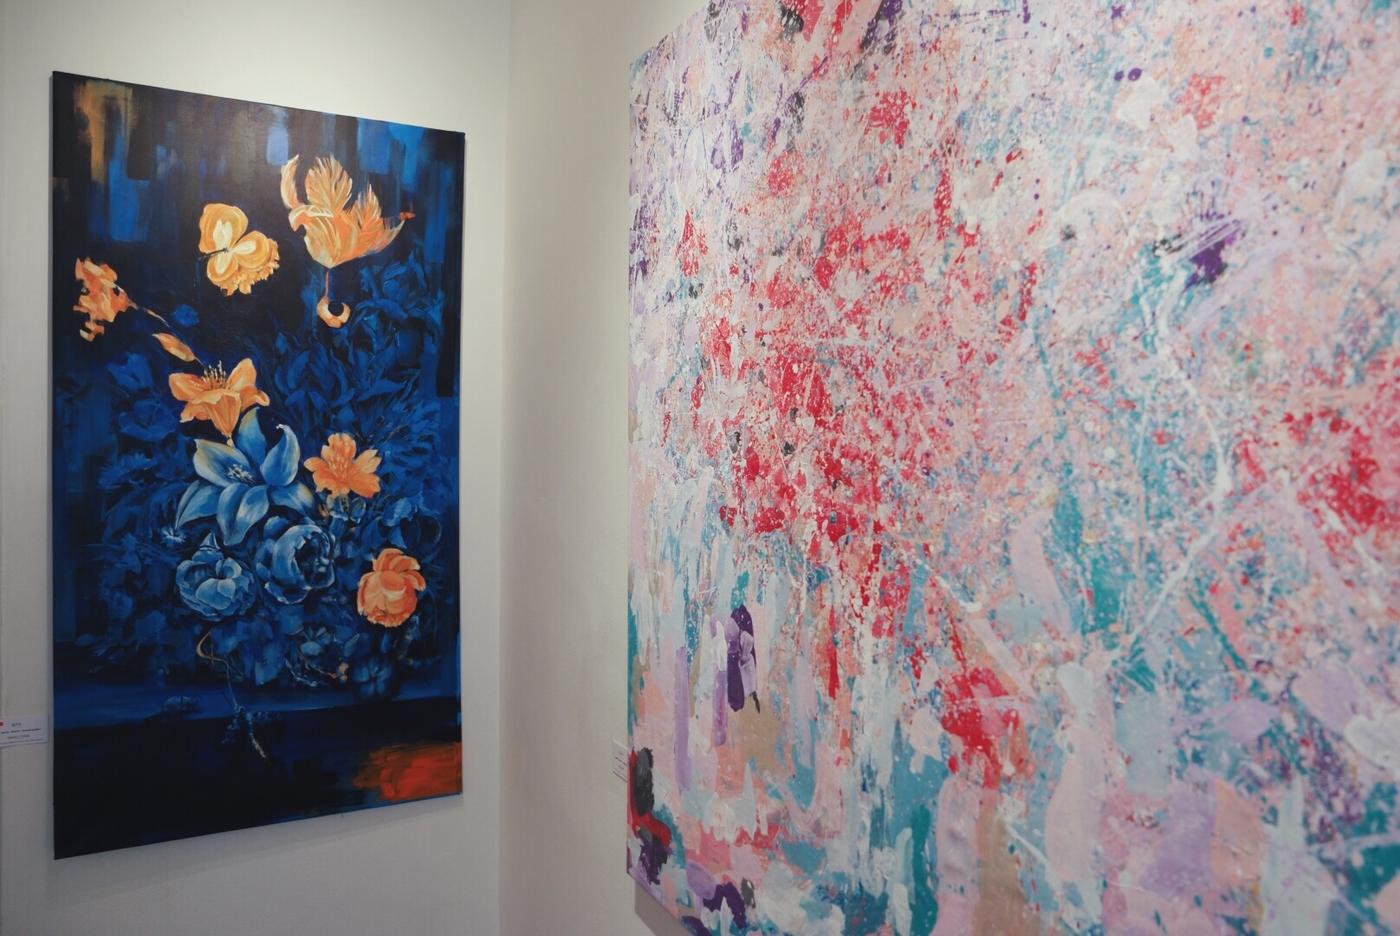 Kukkaloistoa galleriassa